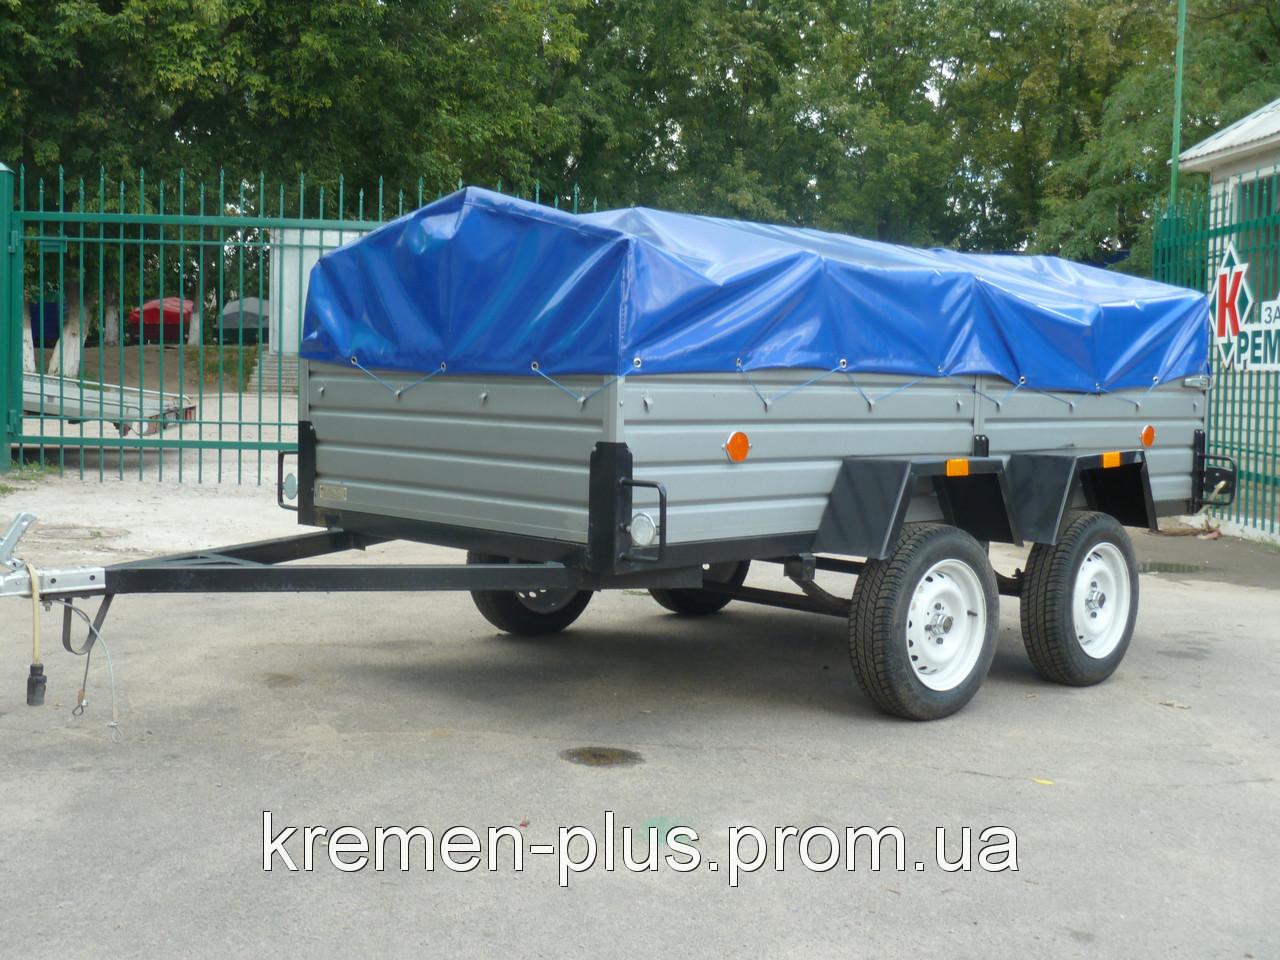 Продам легковой прицеп в Луганской области (доставка в Северодонецк)